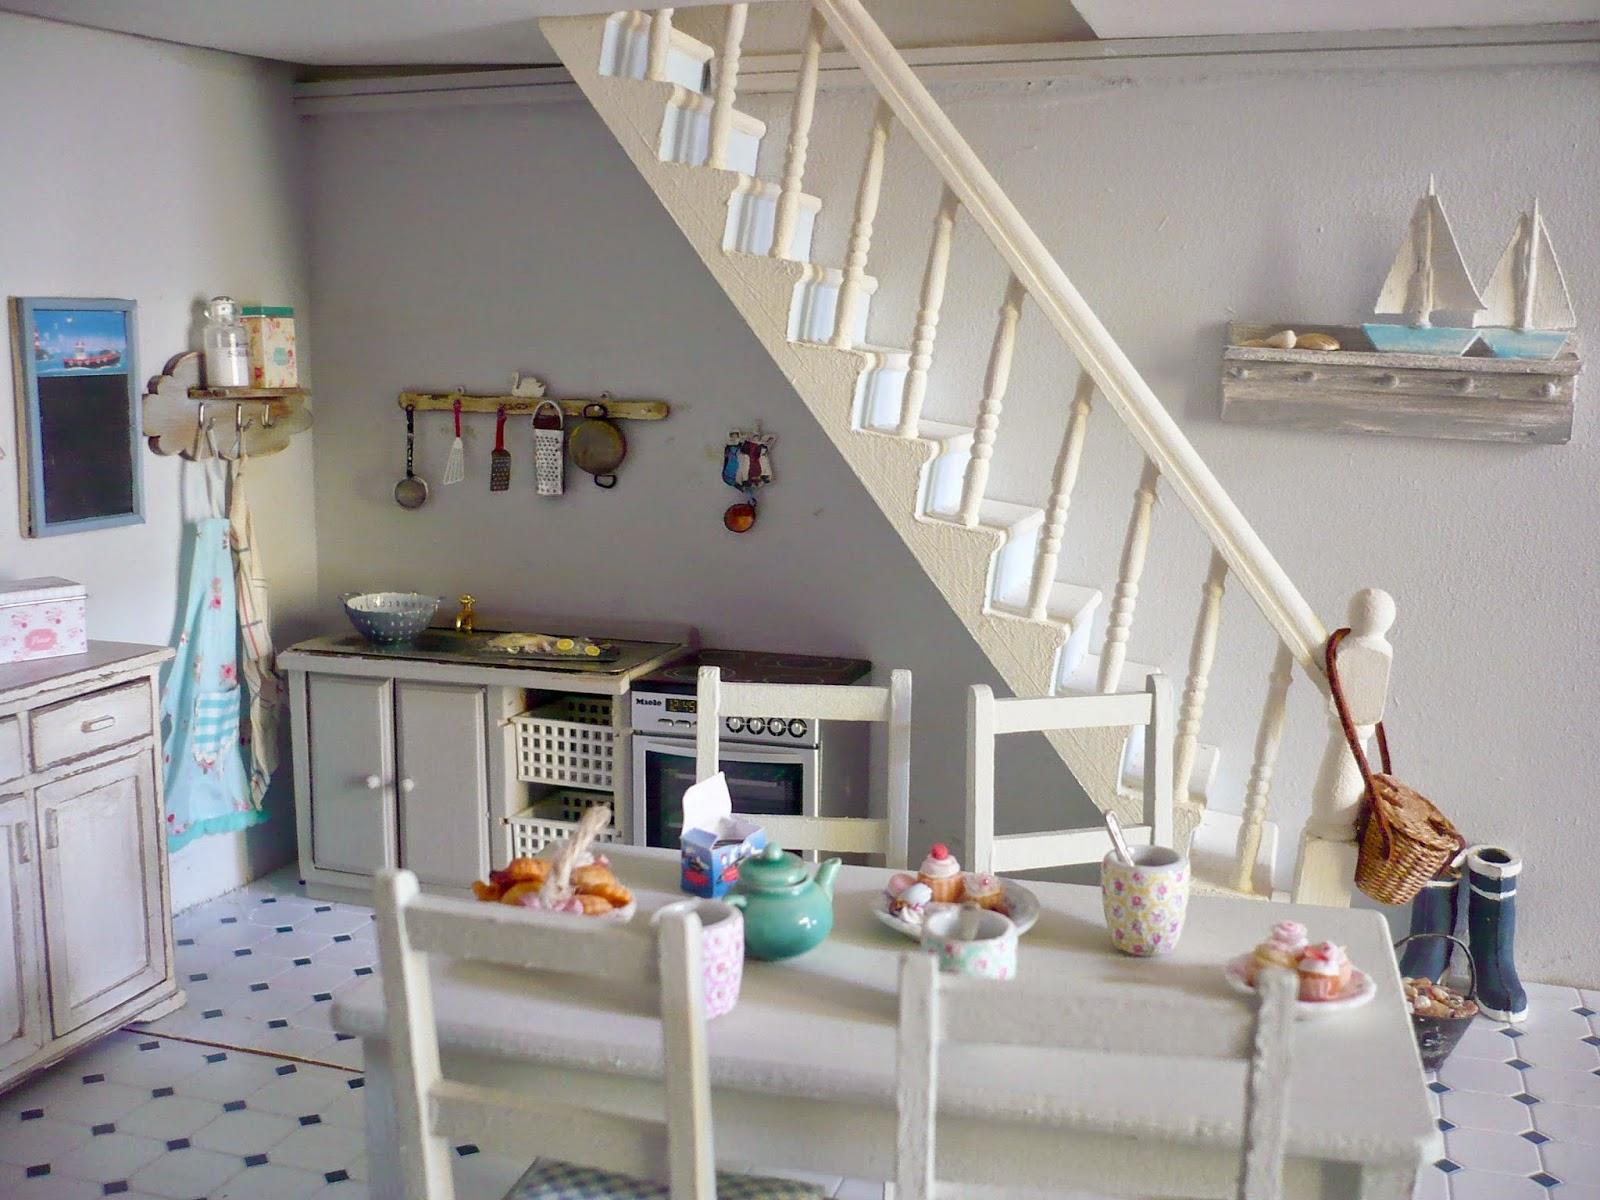 genevieve 39 s miniacollection nouveaut s dans la cuisine bord de mer new details in the seaside. Black Bedroom Furniture Sets. Home Design Ideas